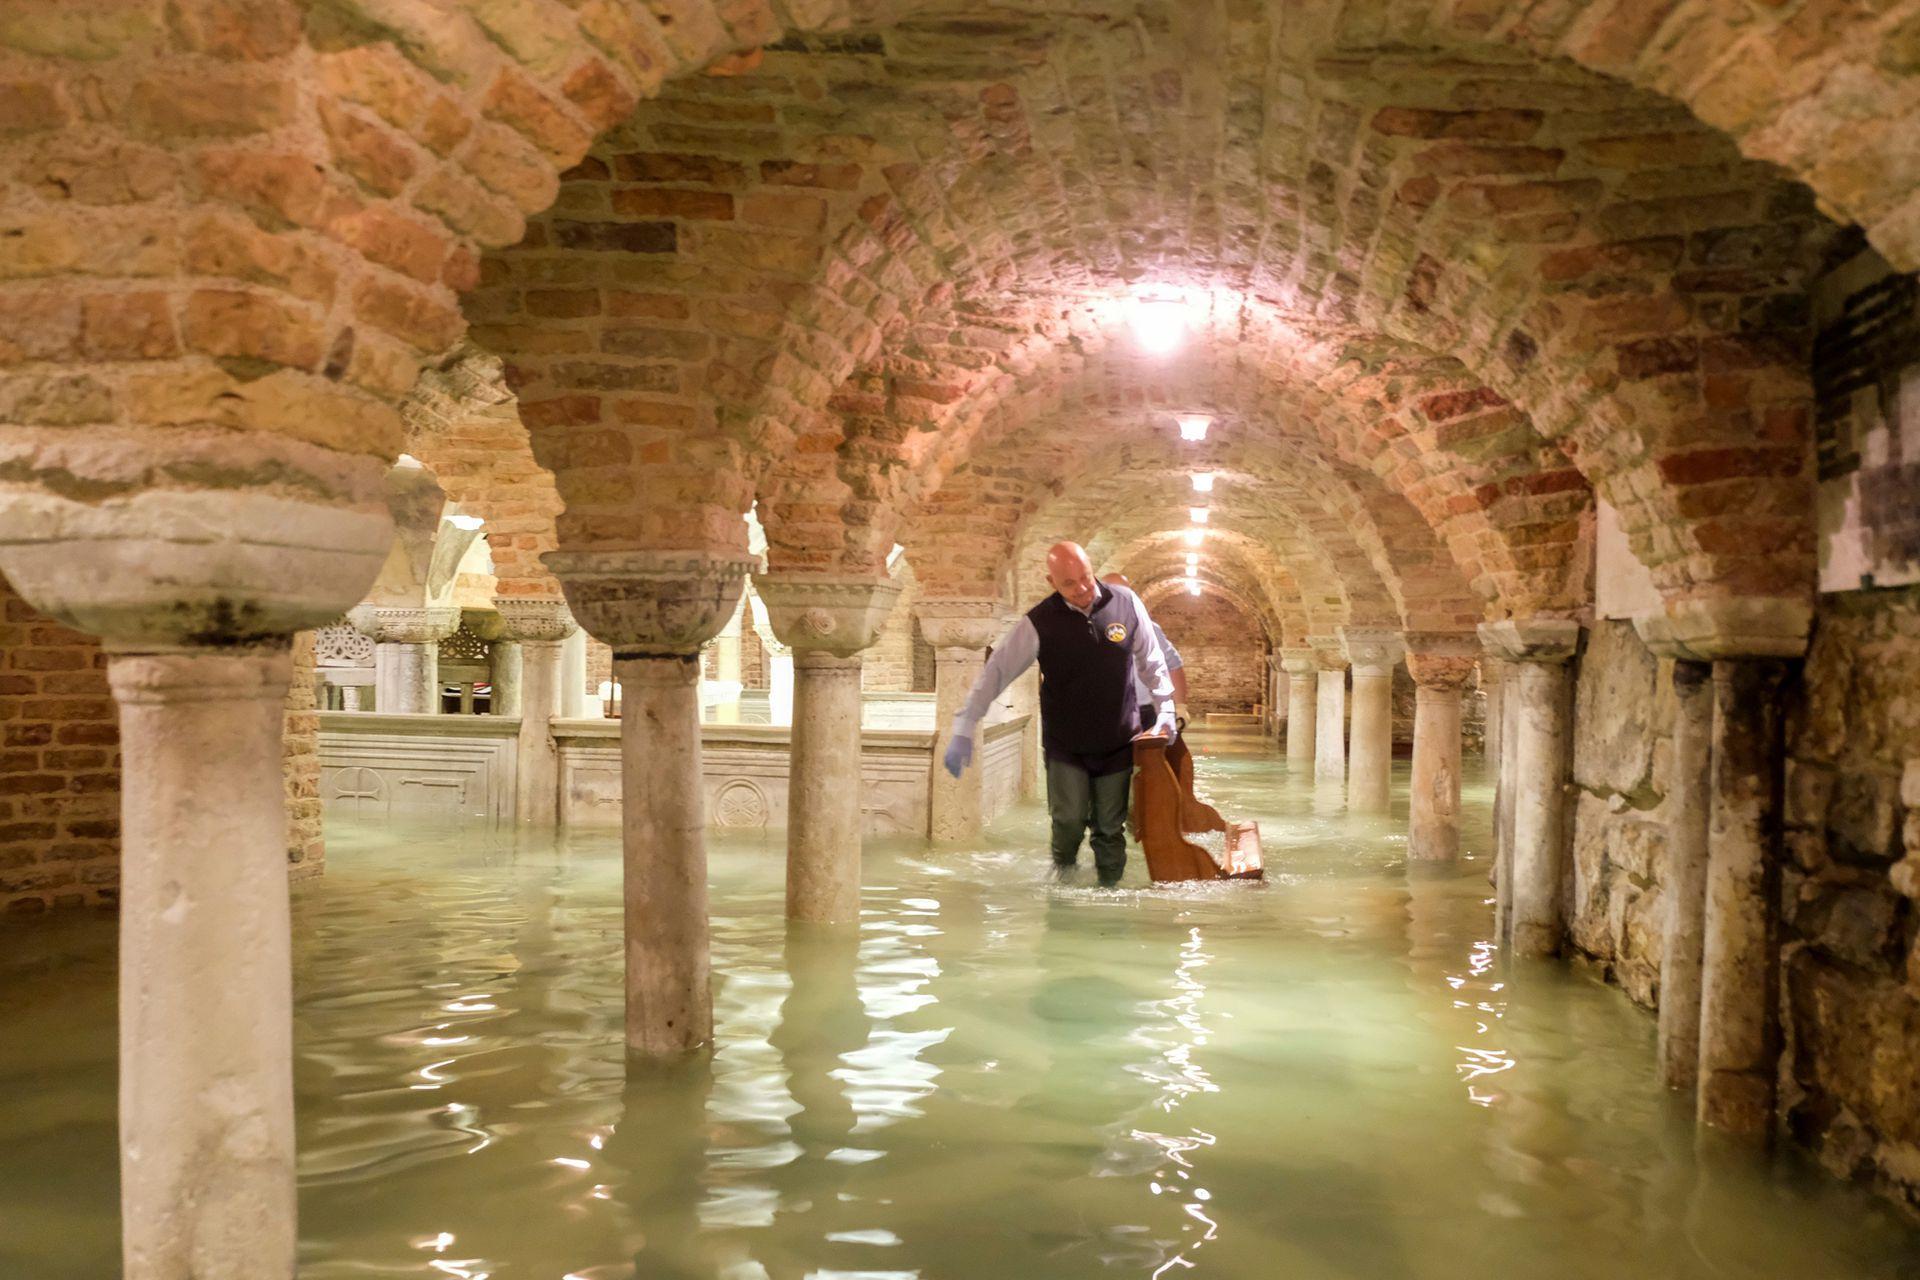 La basílica de San Marcos inundada por la inusual marea